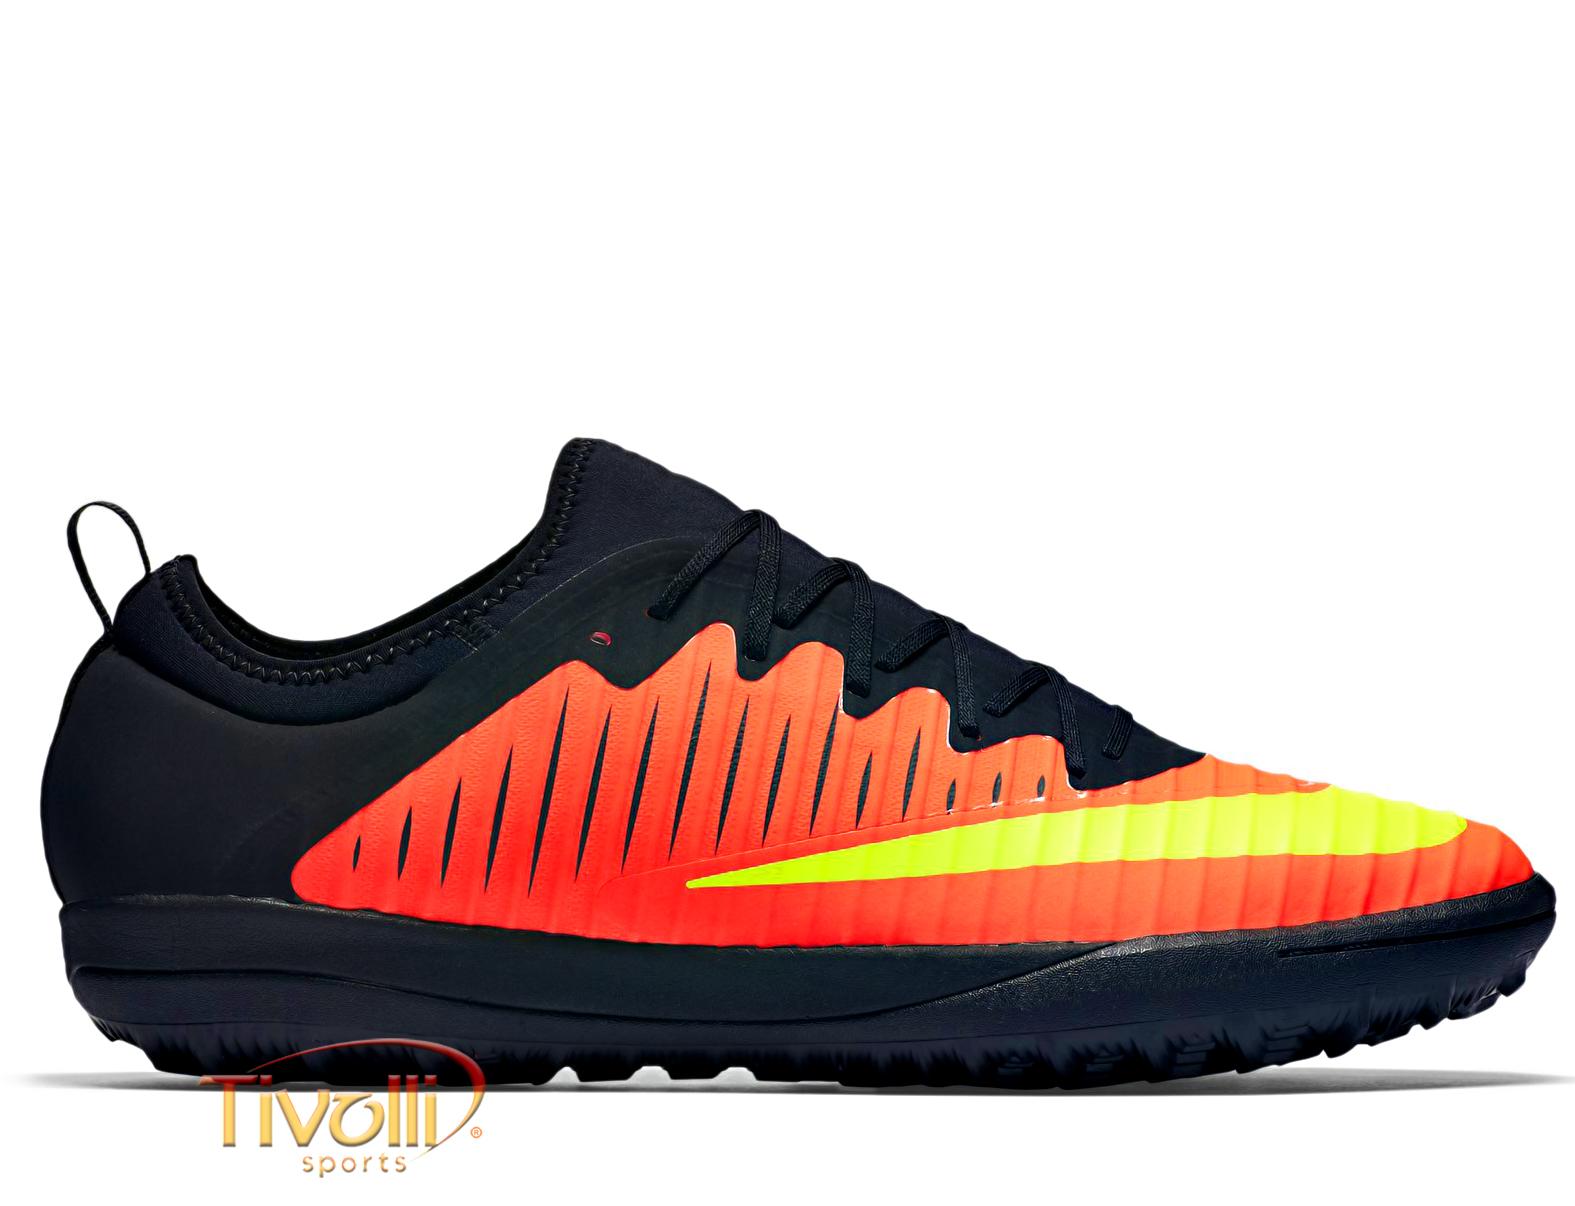 Chuteira Nike Mercurialx Finale II TF Society   Masculina Laranja ... 19c41e147db0b